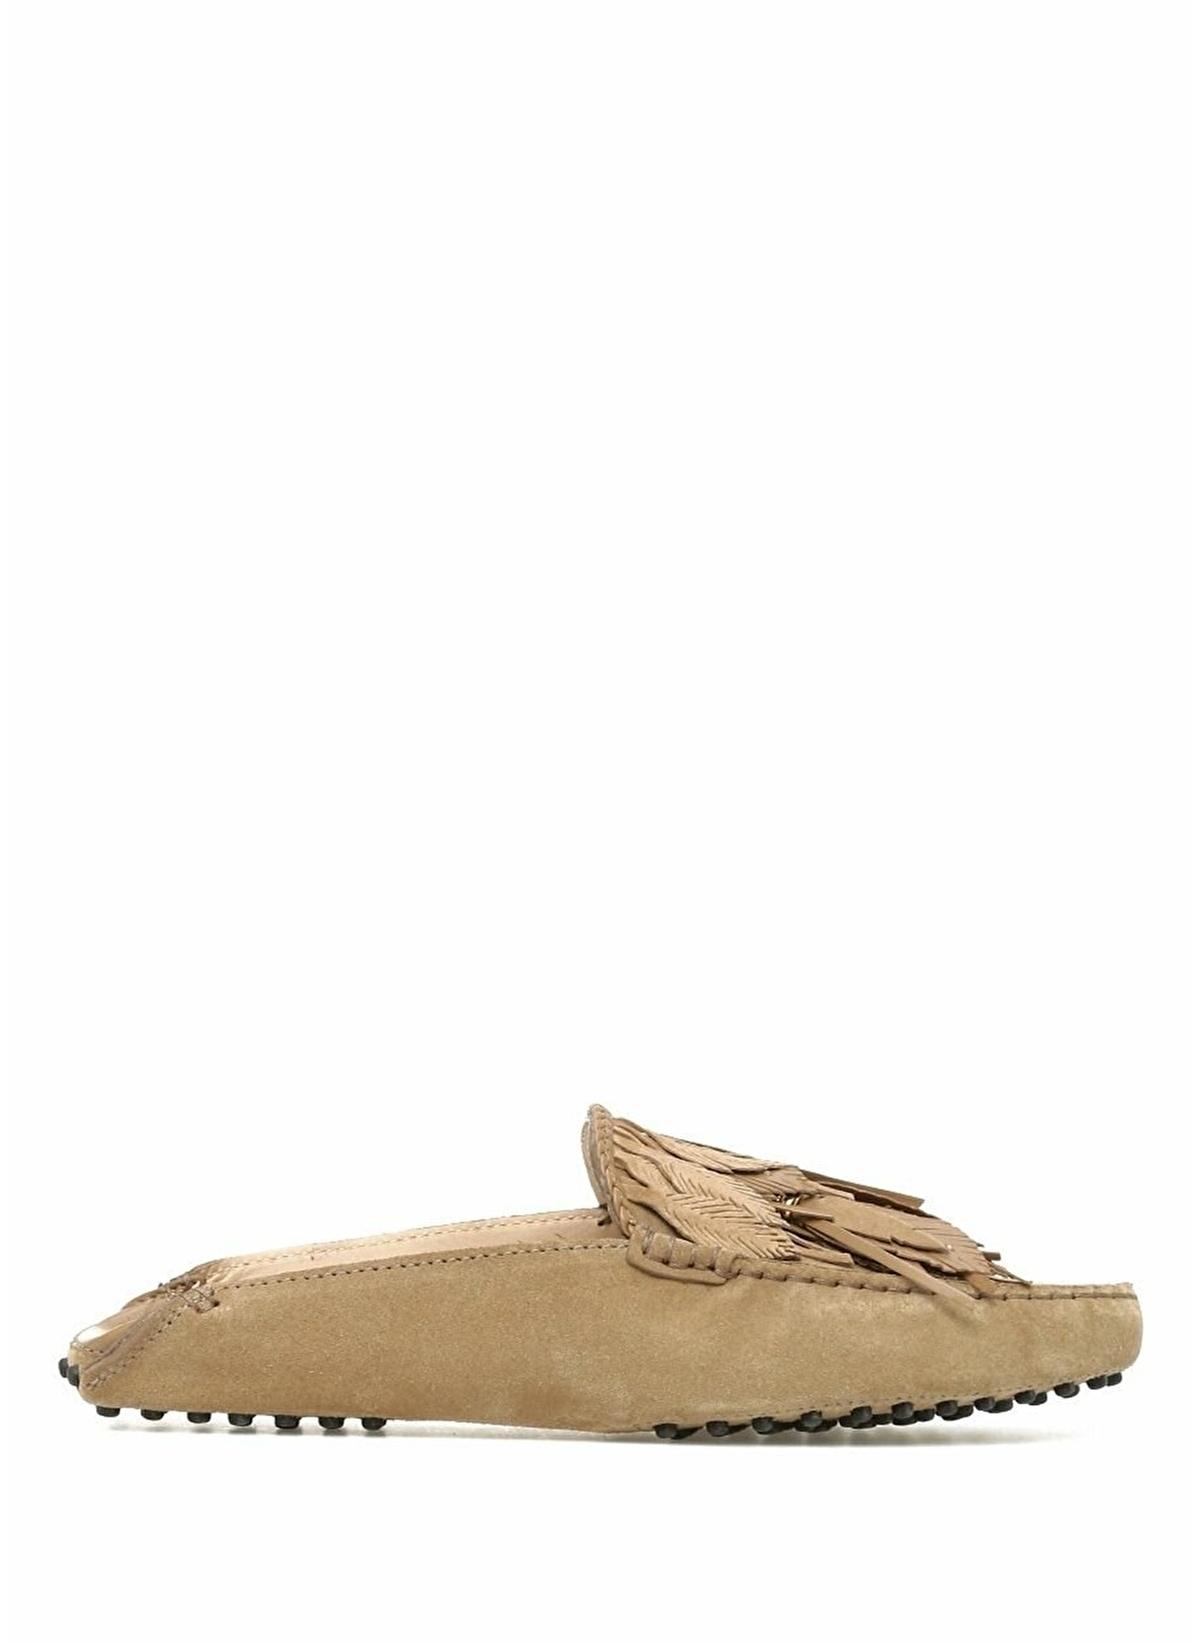 Tod's Ayakkabı 101357650 K Loafer – 4599.0 TL